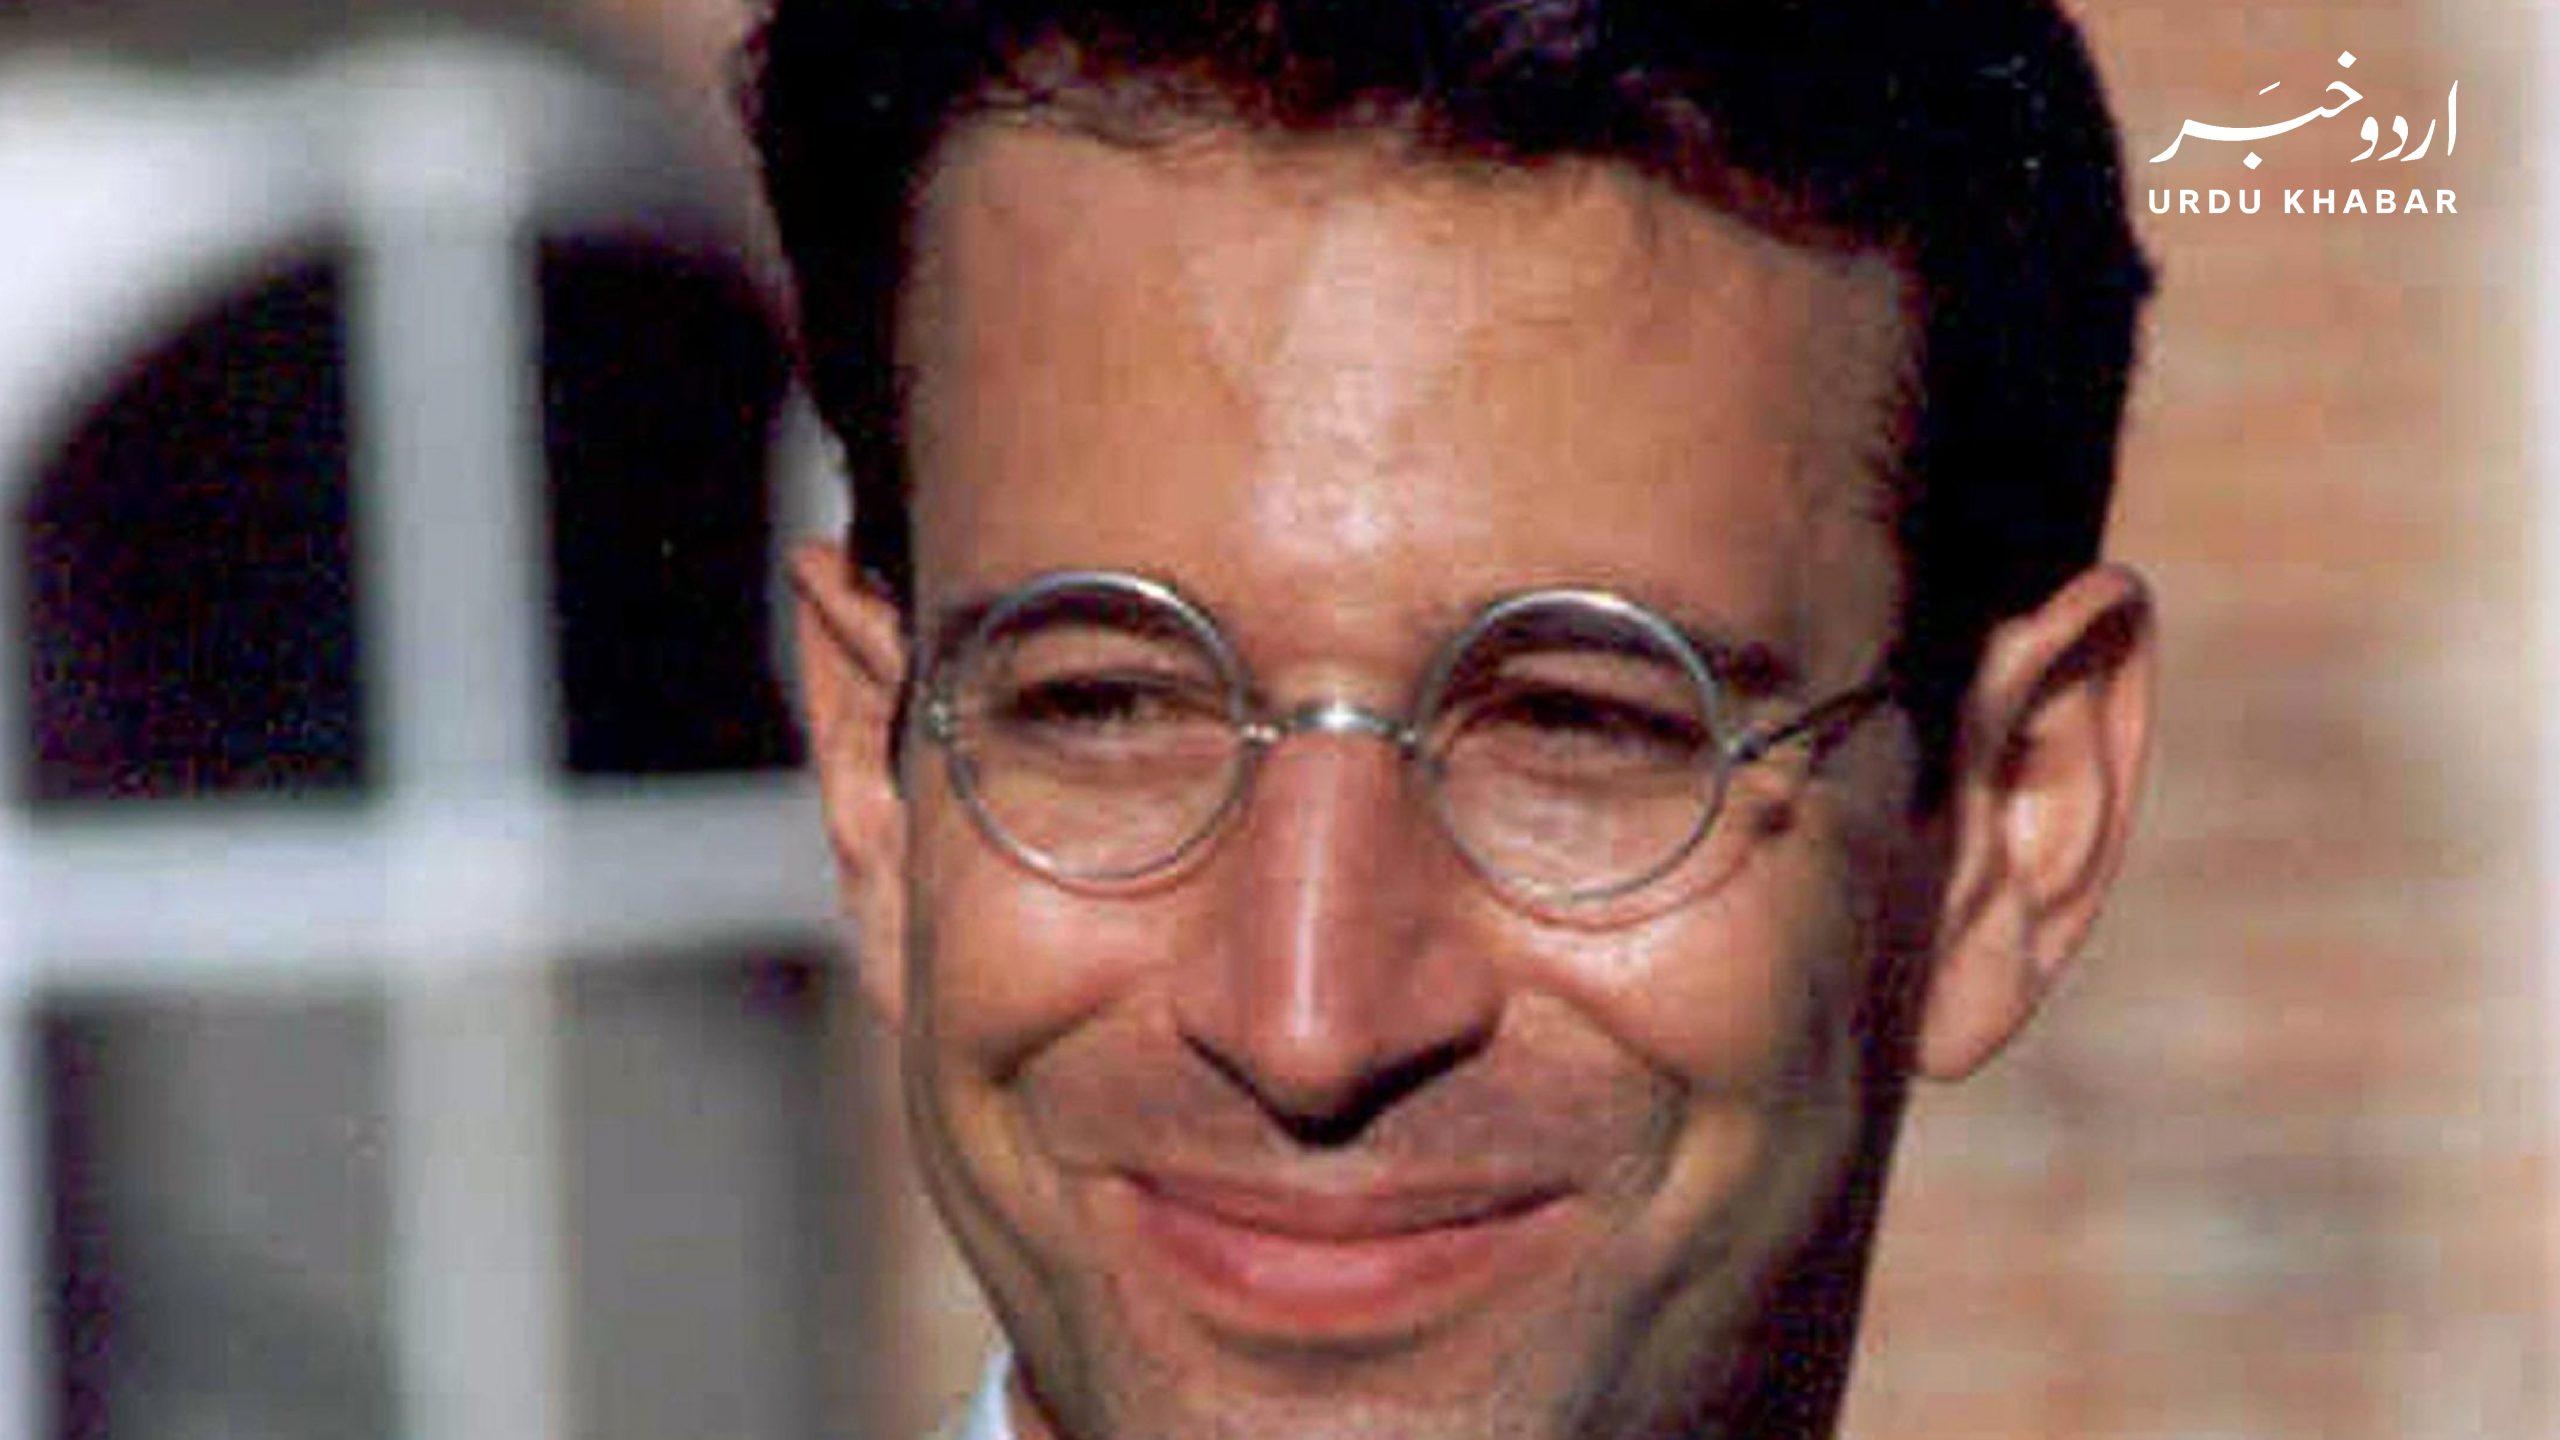 امریکی صحافی ڈینئل پرل کے قتل کا مرکزی ملزم رہا